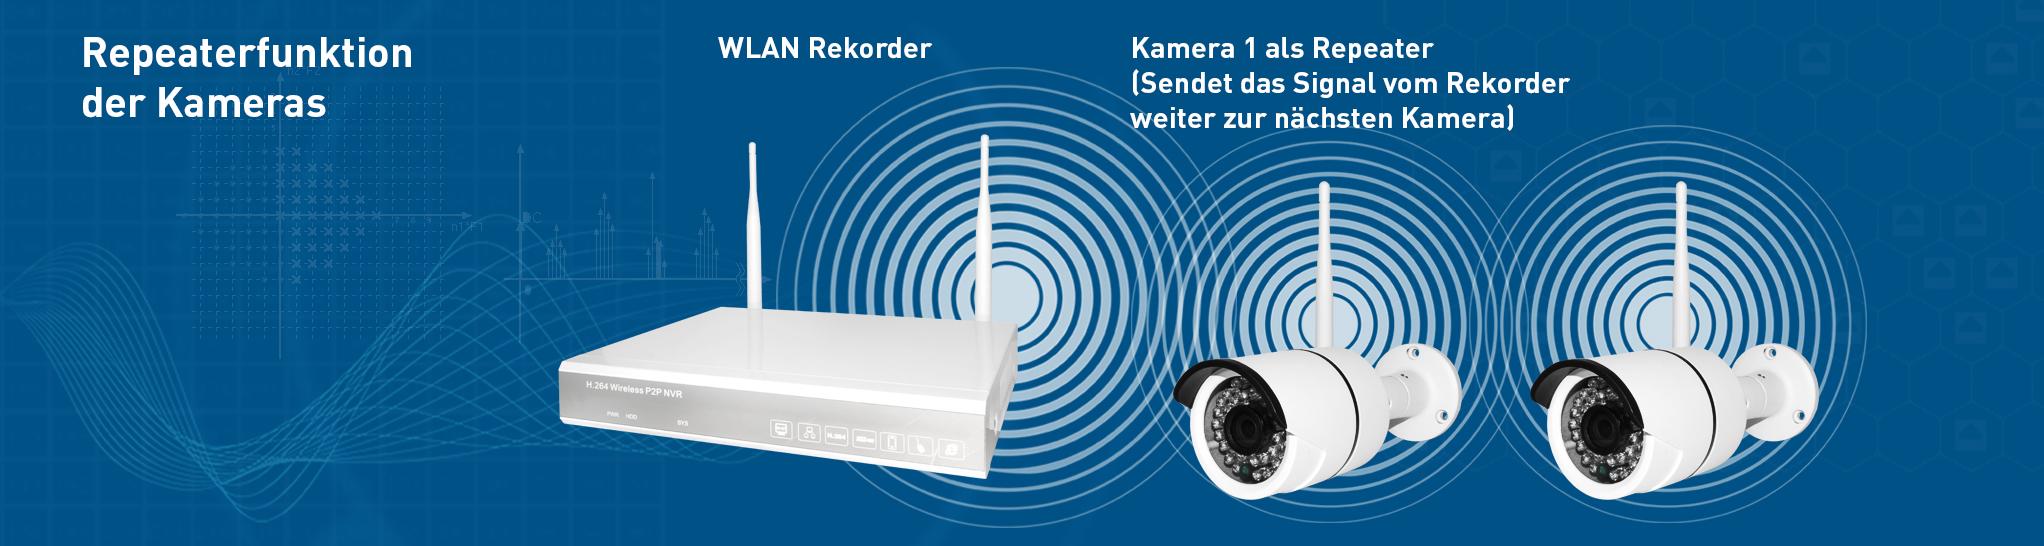 Repeaterfunktion WLAN-Kamera und WLAN DVR Rekorder